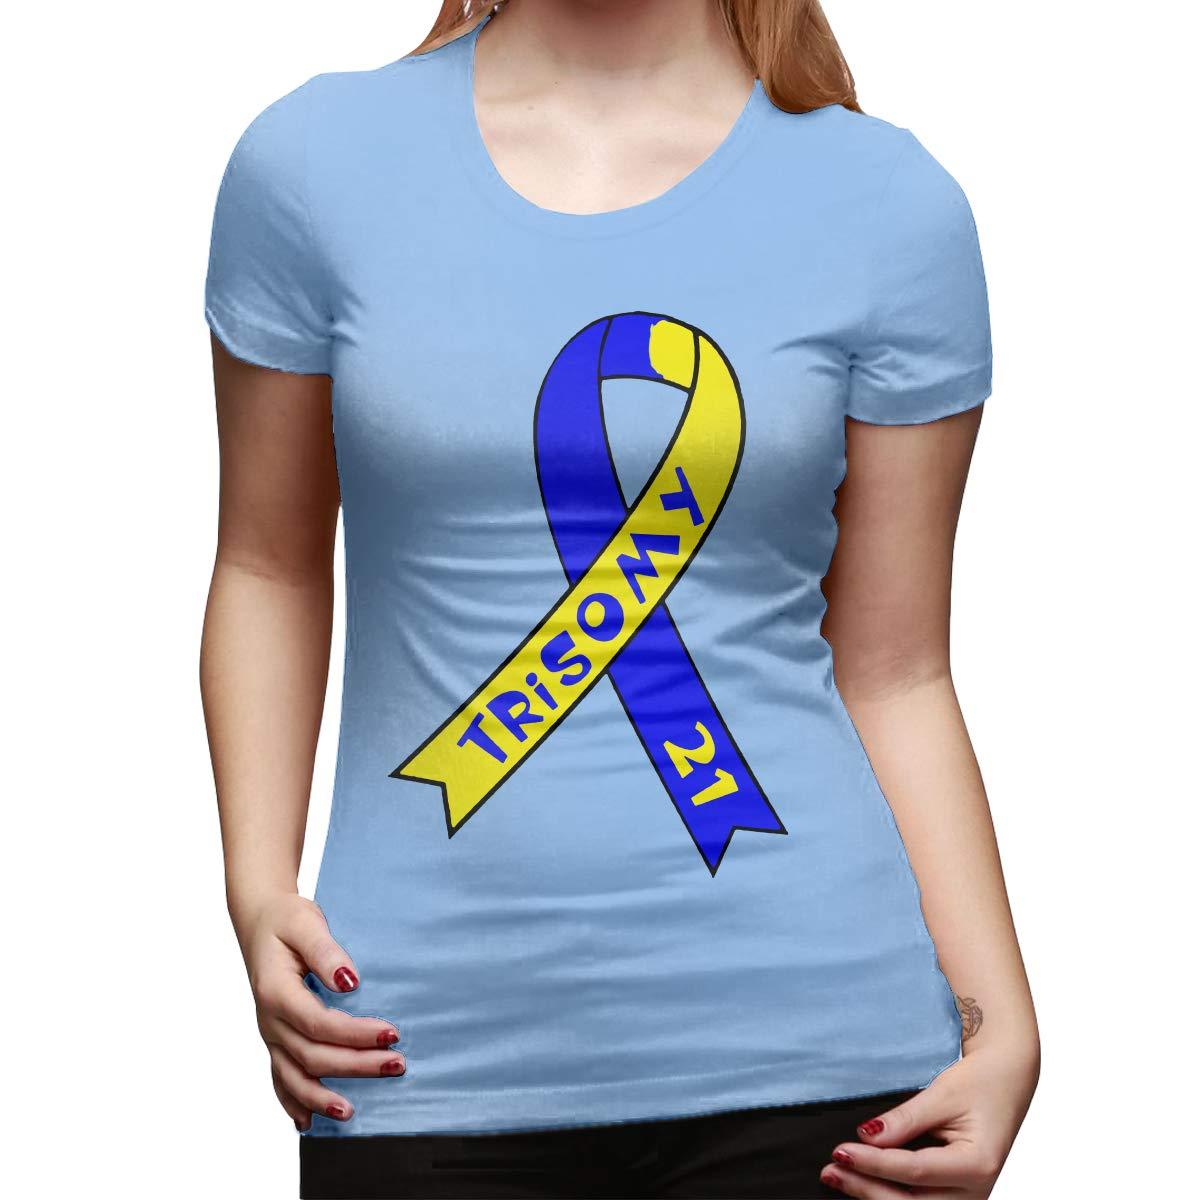 POWNA Women Shirt Trisomy 21 Tshirt Short Sleeve T-Shirt Leisure Tshirt